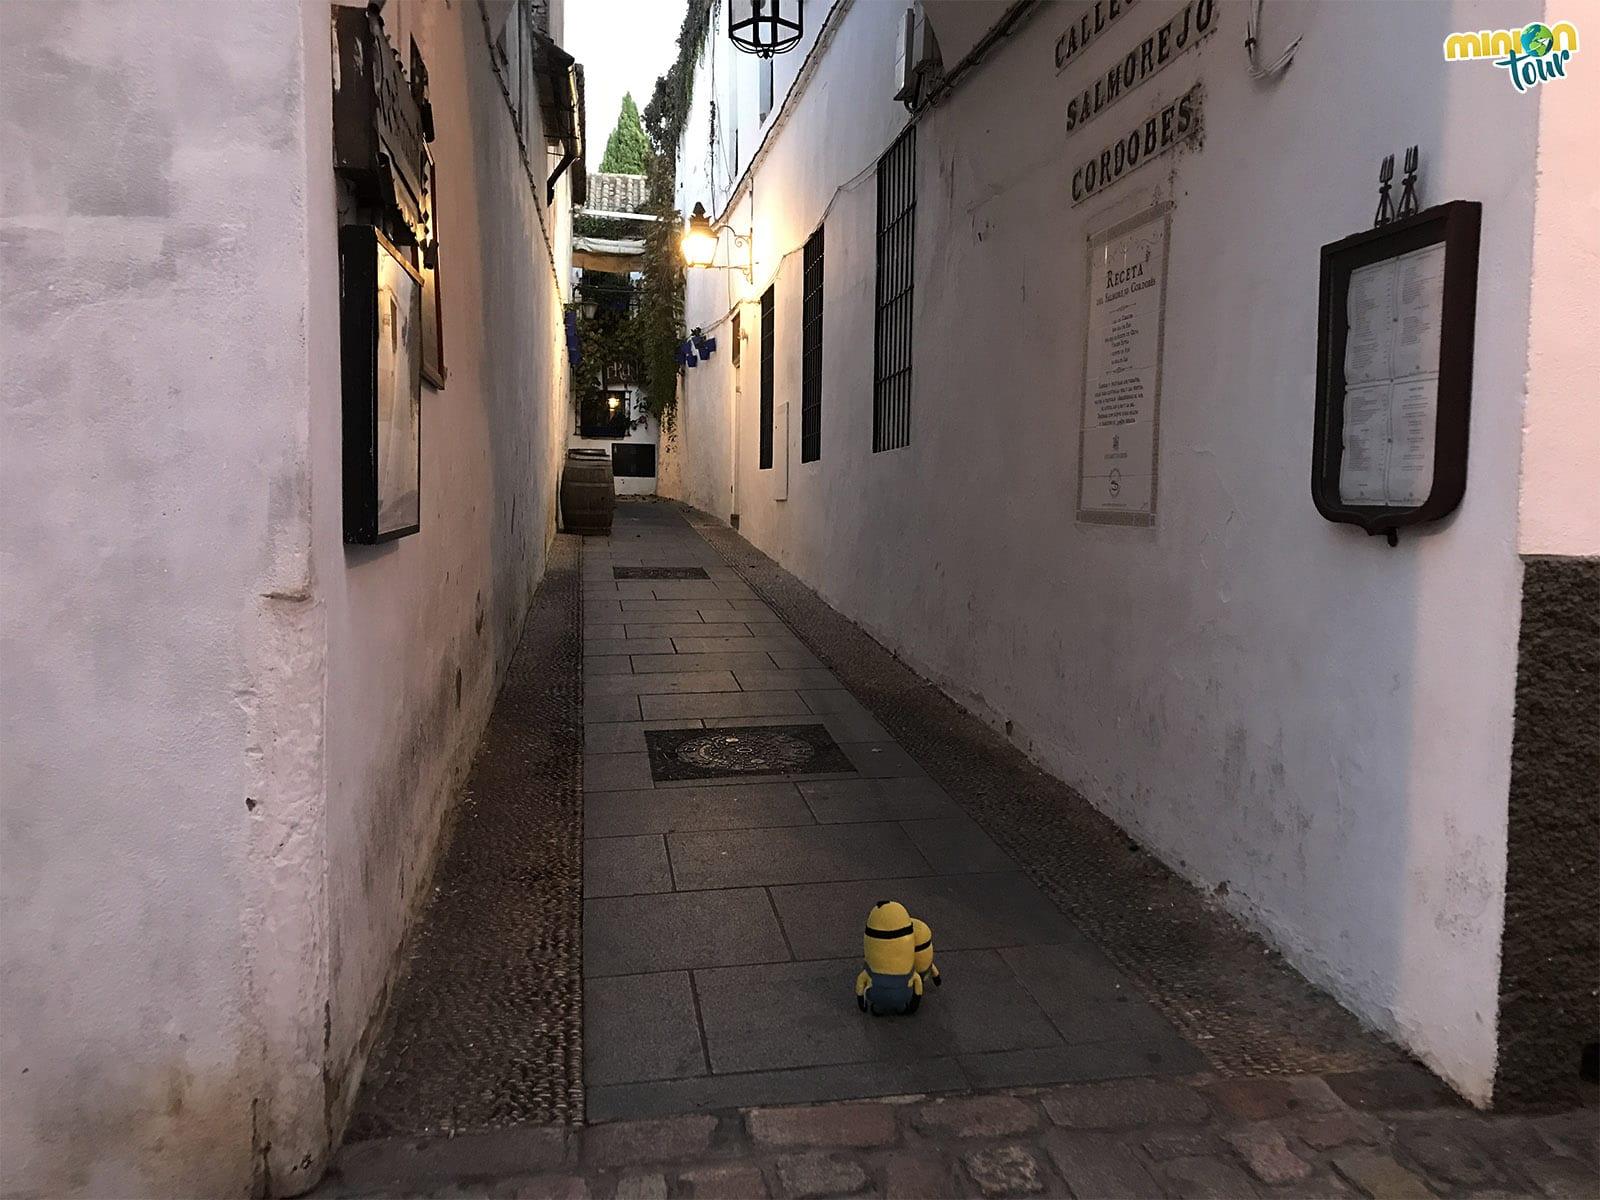 2 Minions en la calle del salmorejo cordobés